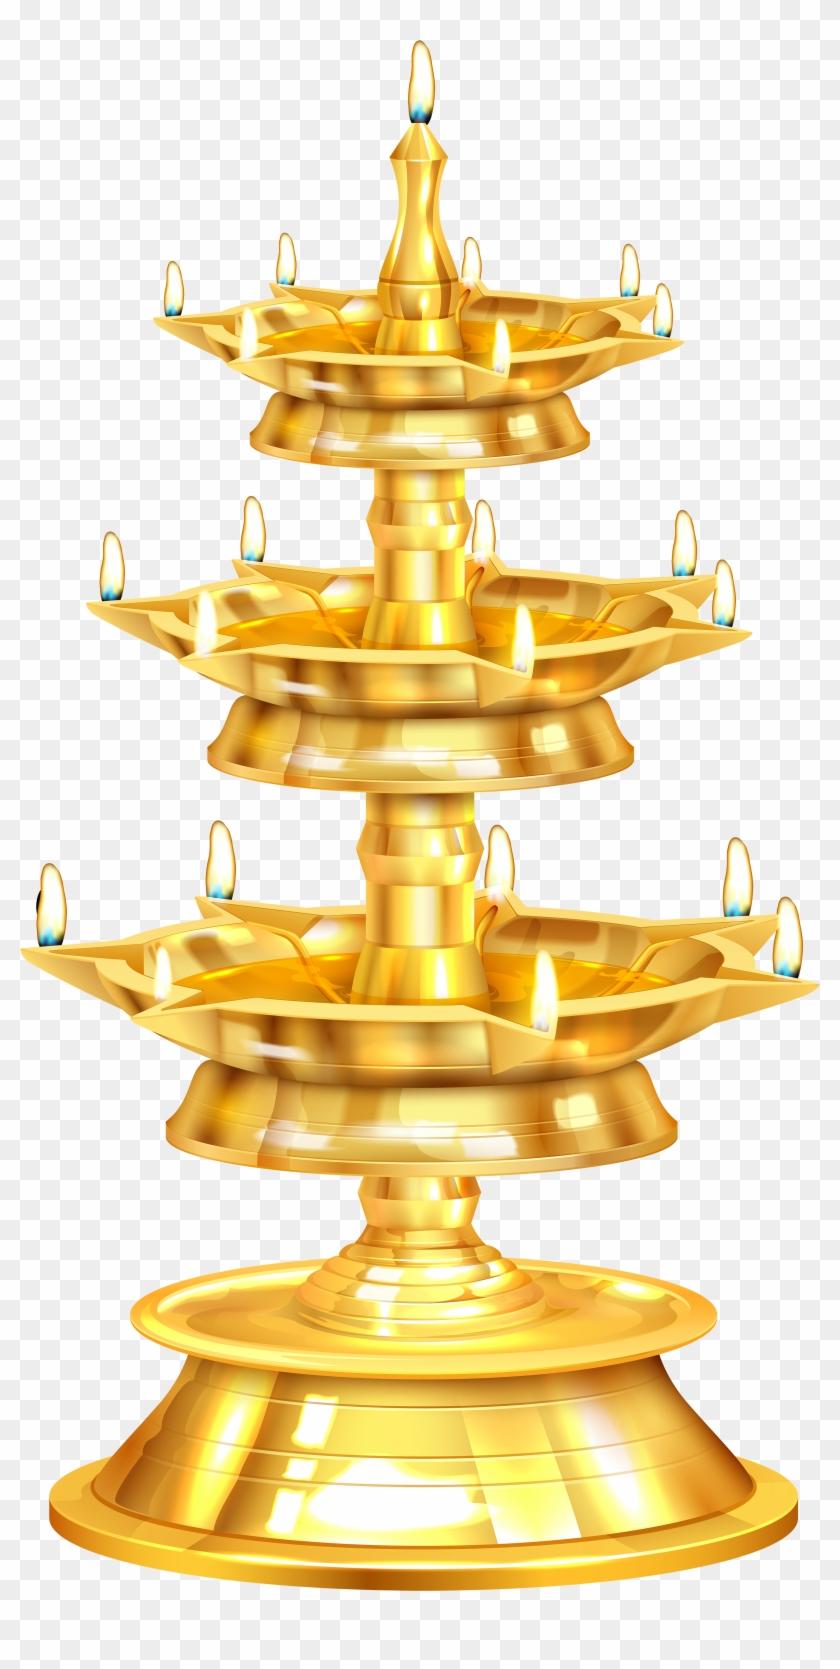 Oil Lamp Clipart Hari Raya.